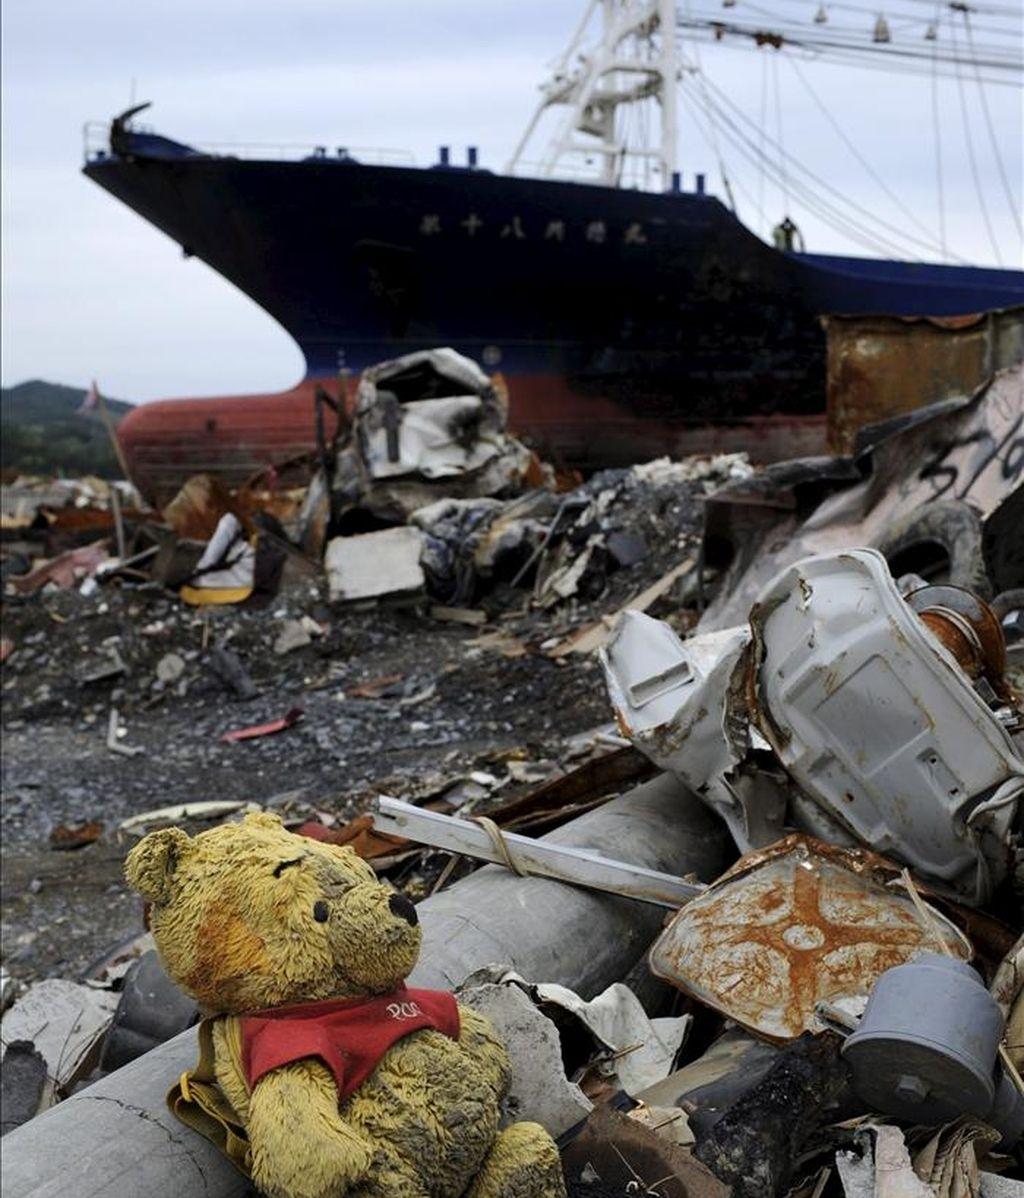 Un osito de peluche rodeado de escombros, en la desolada ciudad de Kesennuma, Japón. Casi 15.000 muertos confirmados por el seísmo de hace dos meses en Japón. EFE